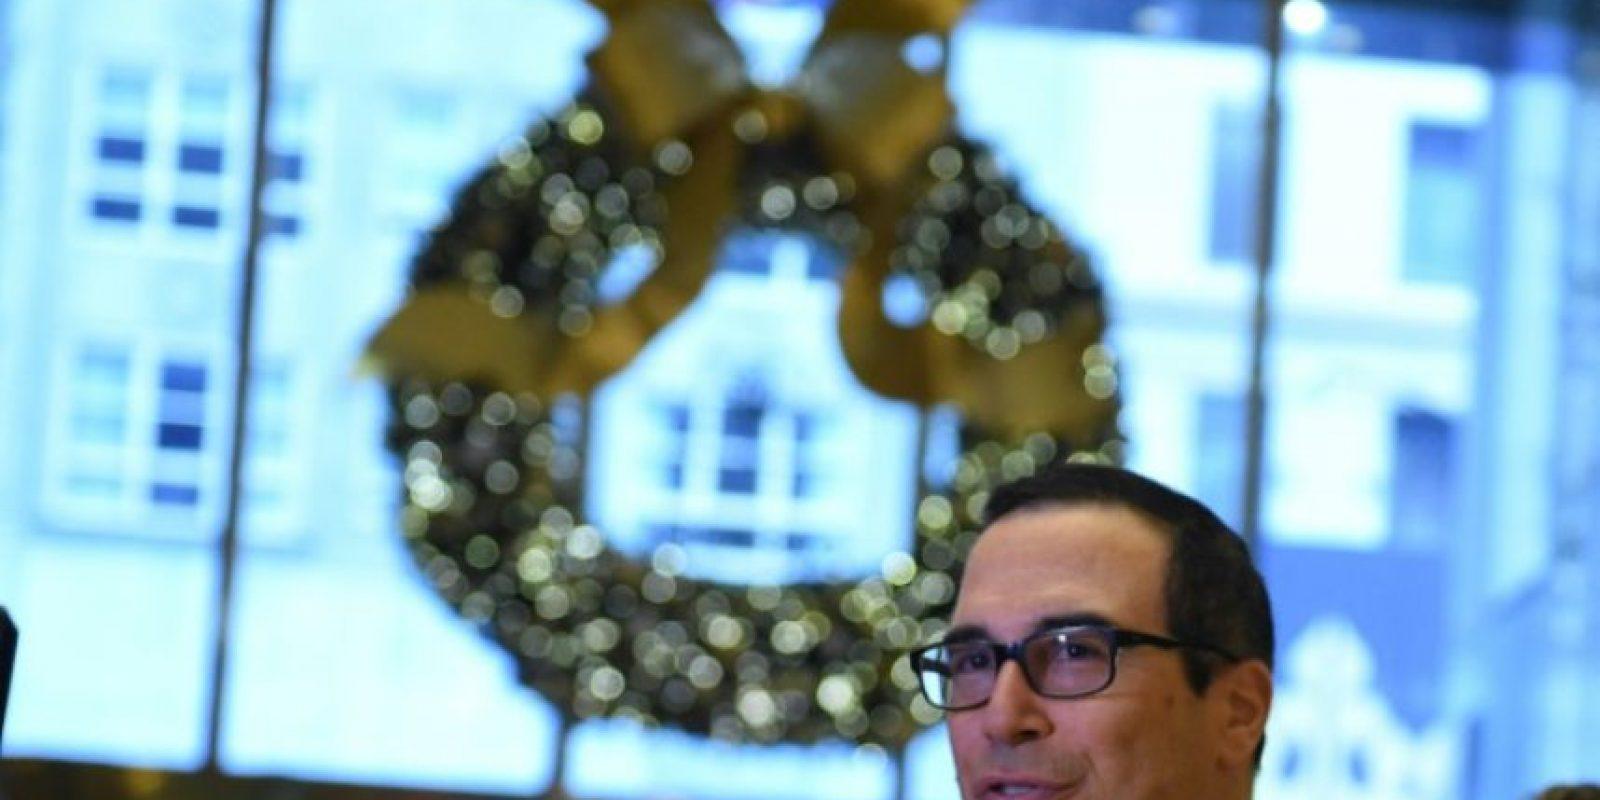 El exejecutivo del banco Goldman Sachs Steven Mnuchin, nombrado secretario del Tesoro de EEUU, llega a una reunión en la Torre Trump de Nueva York el 30 de noviembre de 2016 Foto:Timothy A. Clary/afp.com